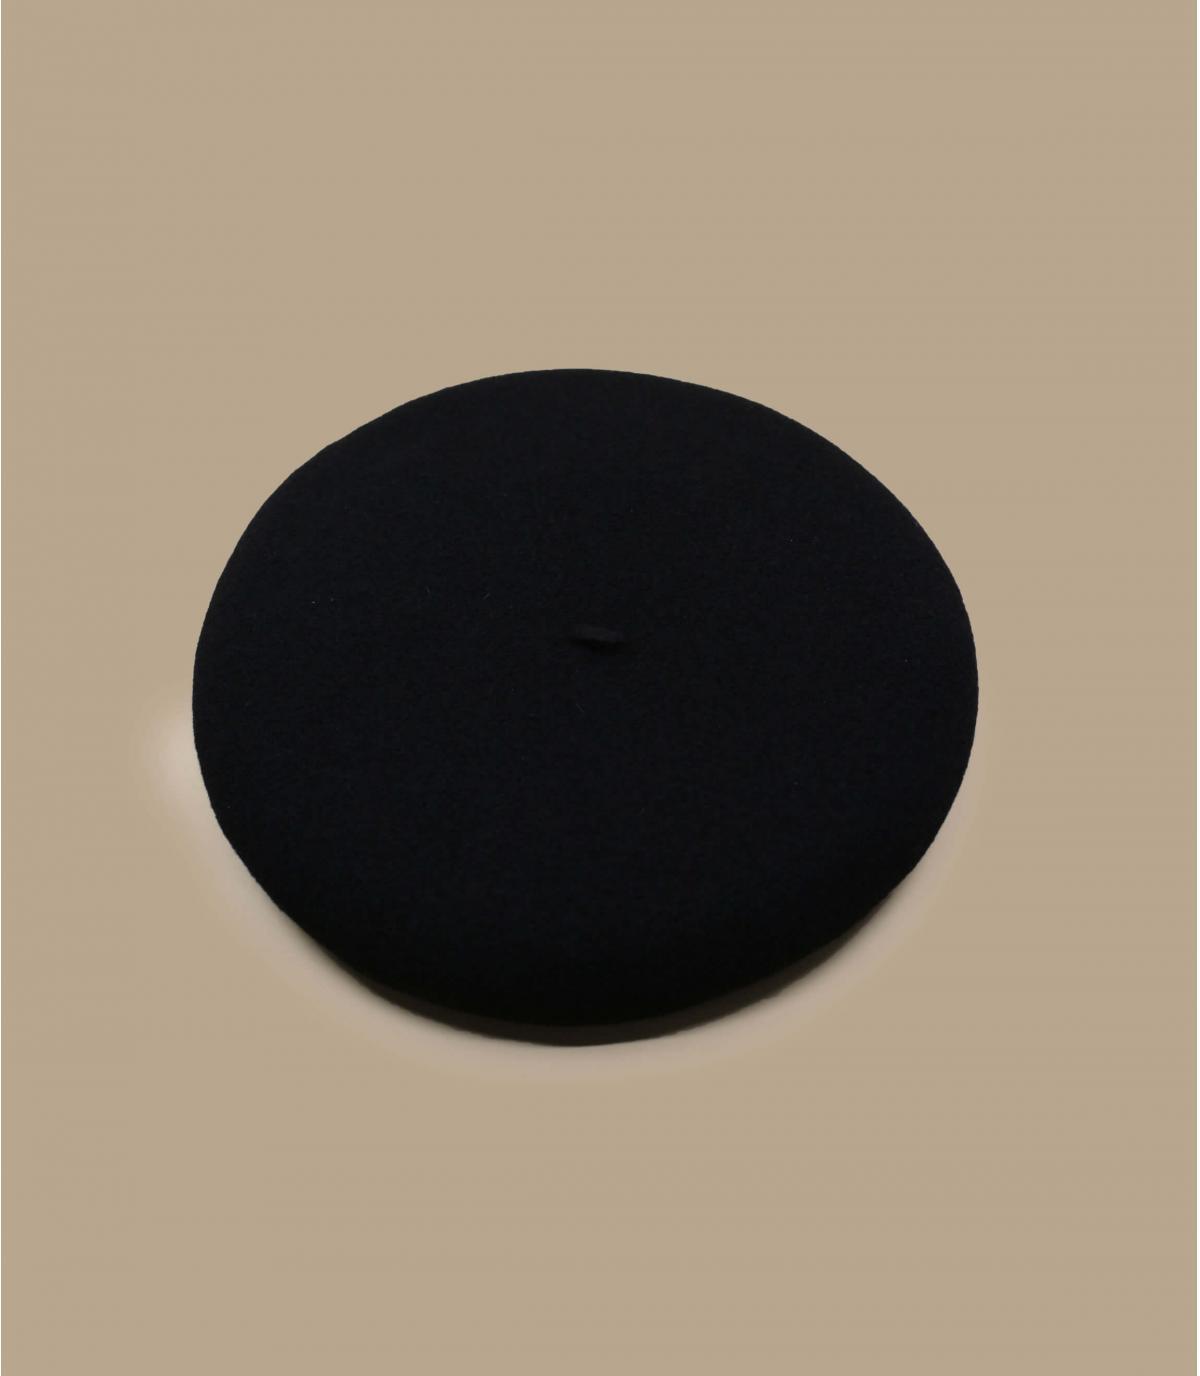 Detalles Gorro vrai basque negro imagen 2